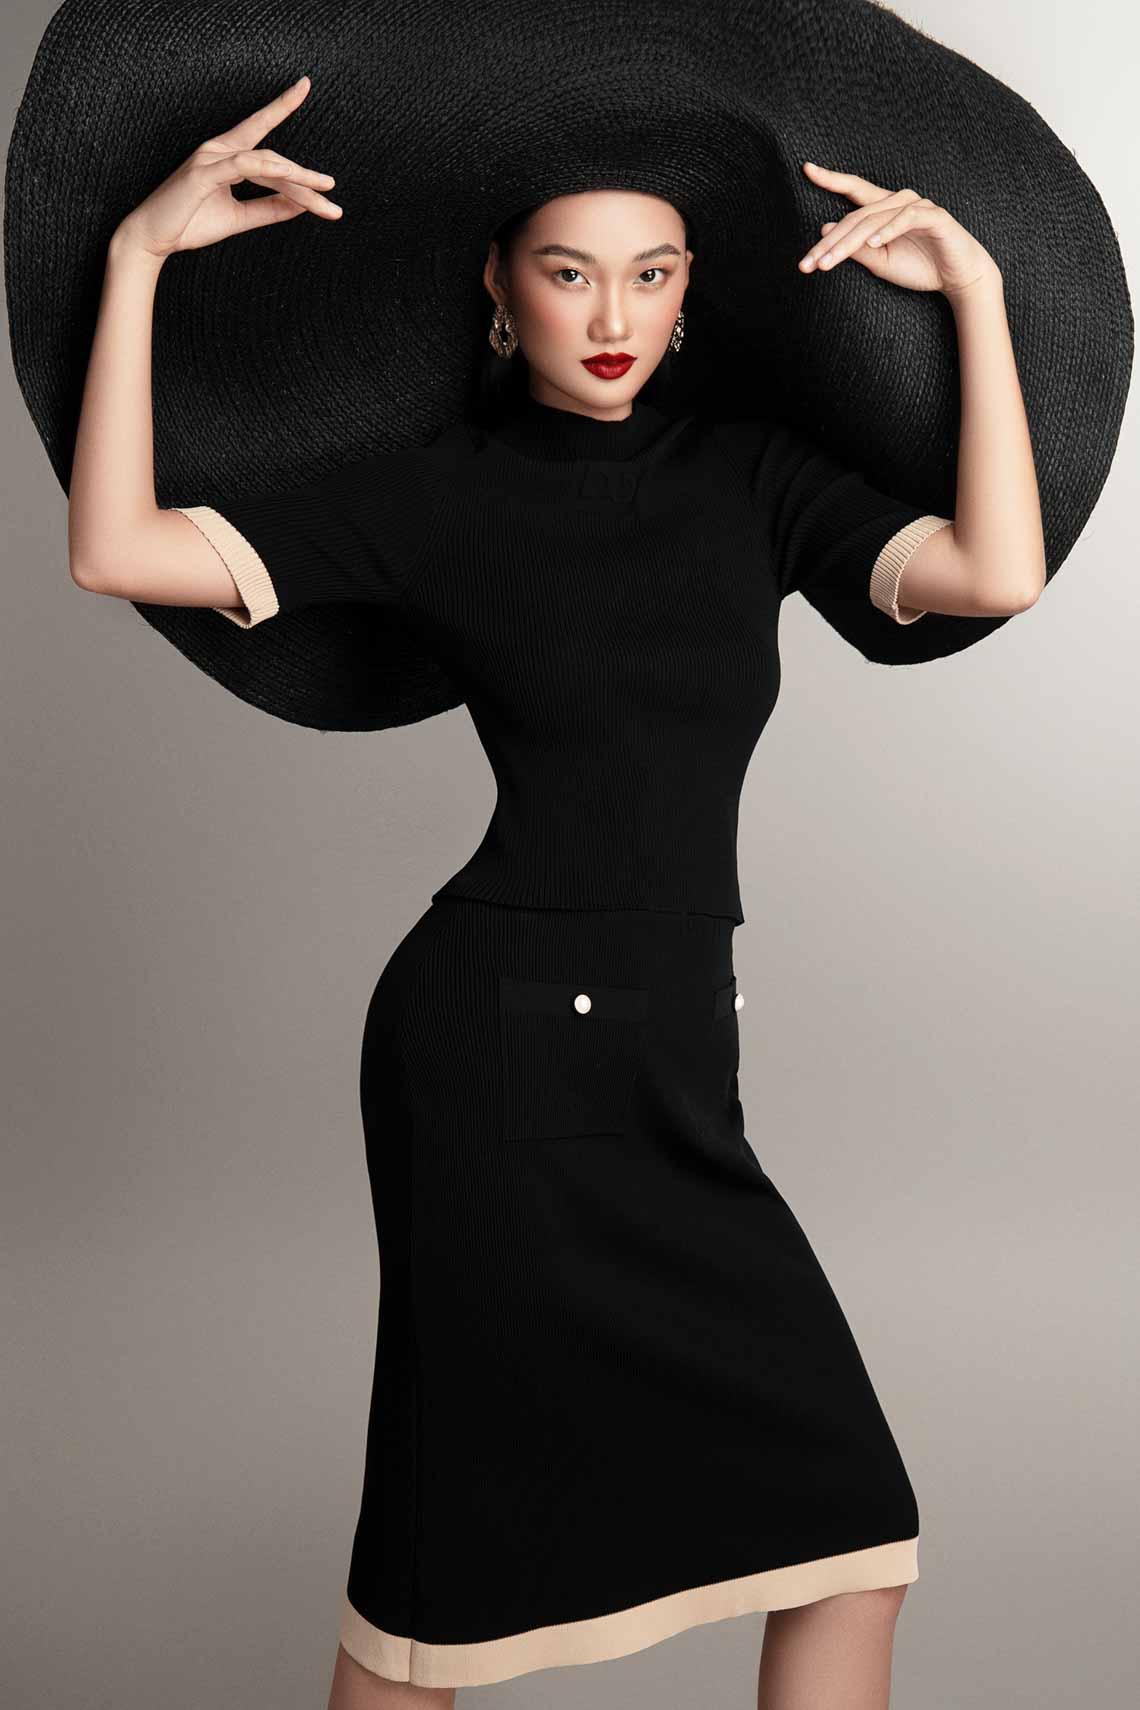 NTK Đỗ Mạnh Cường tư vấn 6 công thức mặc đẹp mùa cuối năm với trang phục dệt kim -10